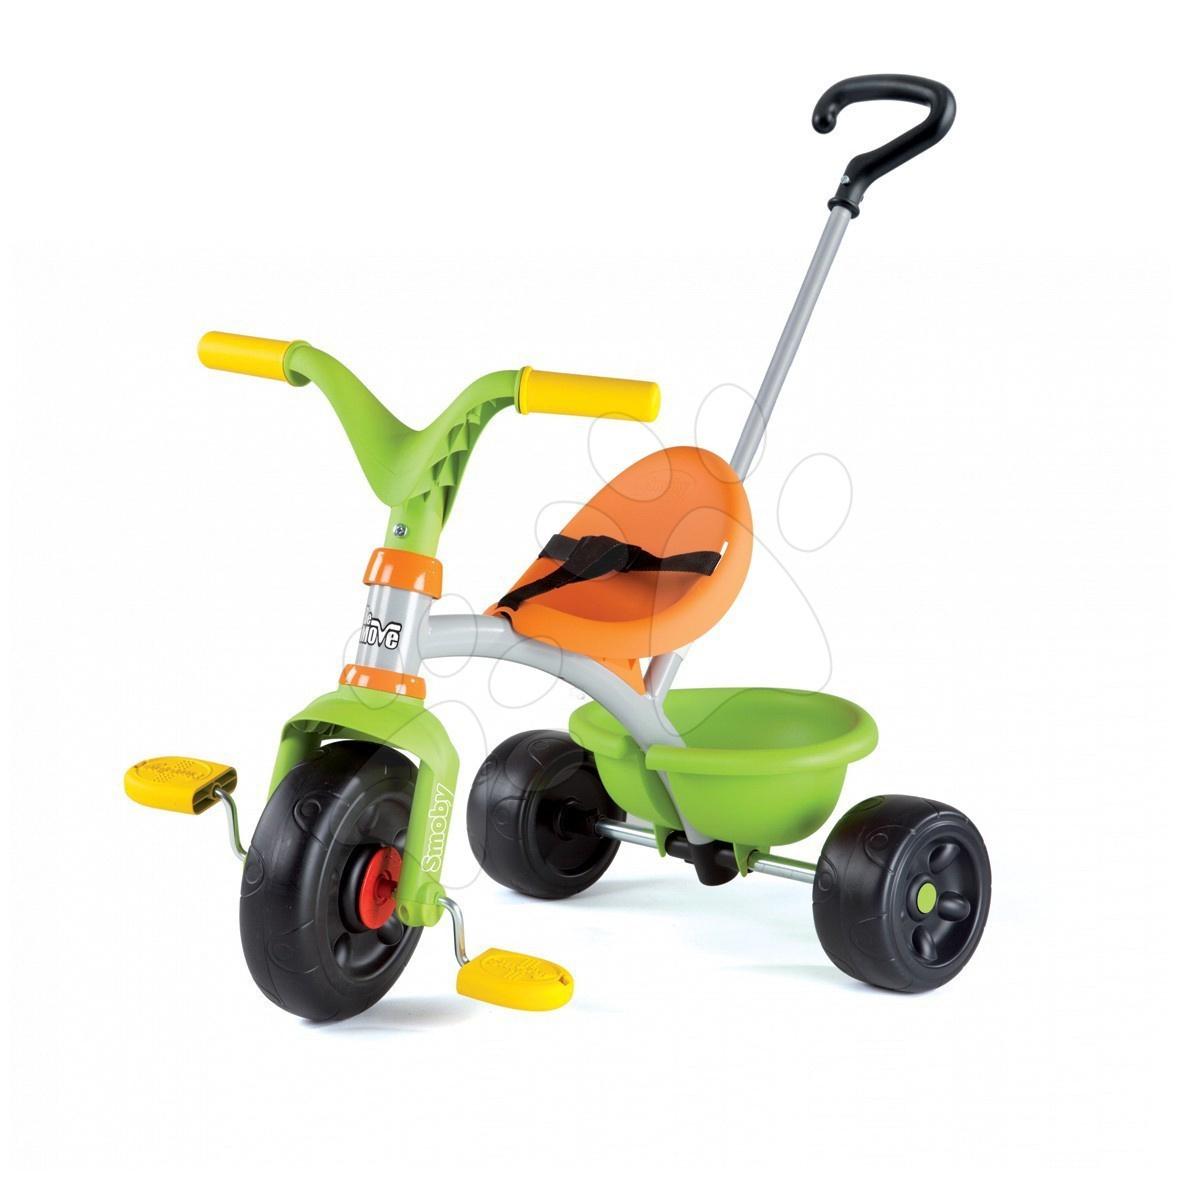 Tricicletă verde Be Move Garden cu mâner Smoby de la 15 luni